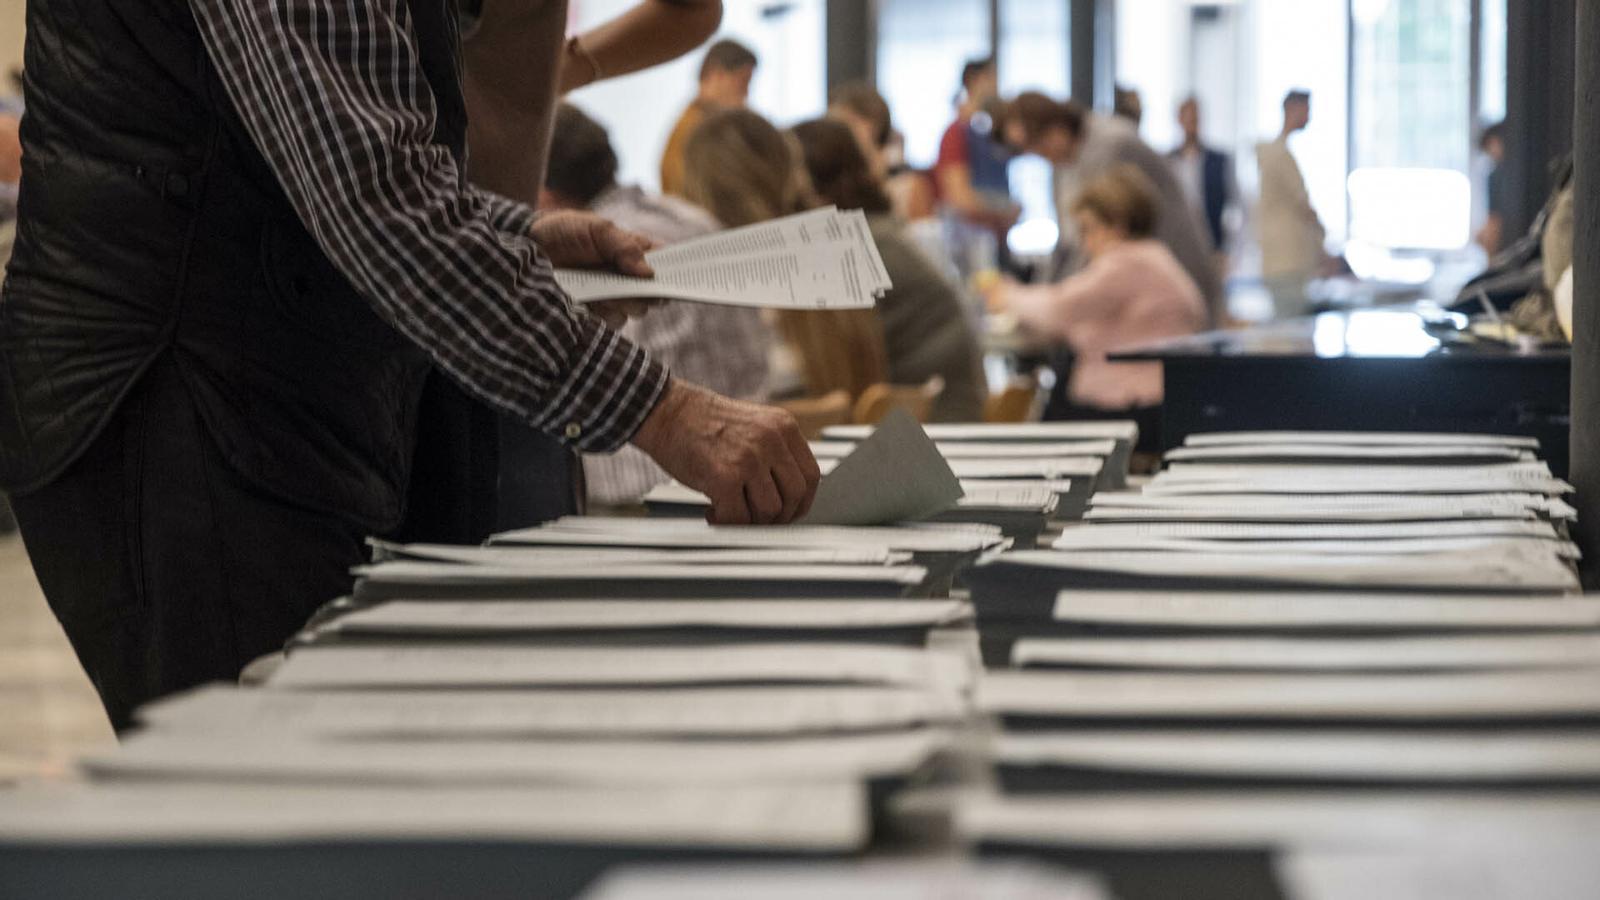 L'anàlisi d'Antoni Bassas: '«No anirem a votar» és allò que la ultradreta vol que diguis'